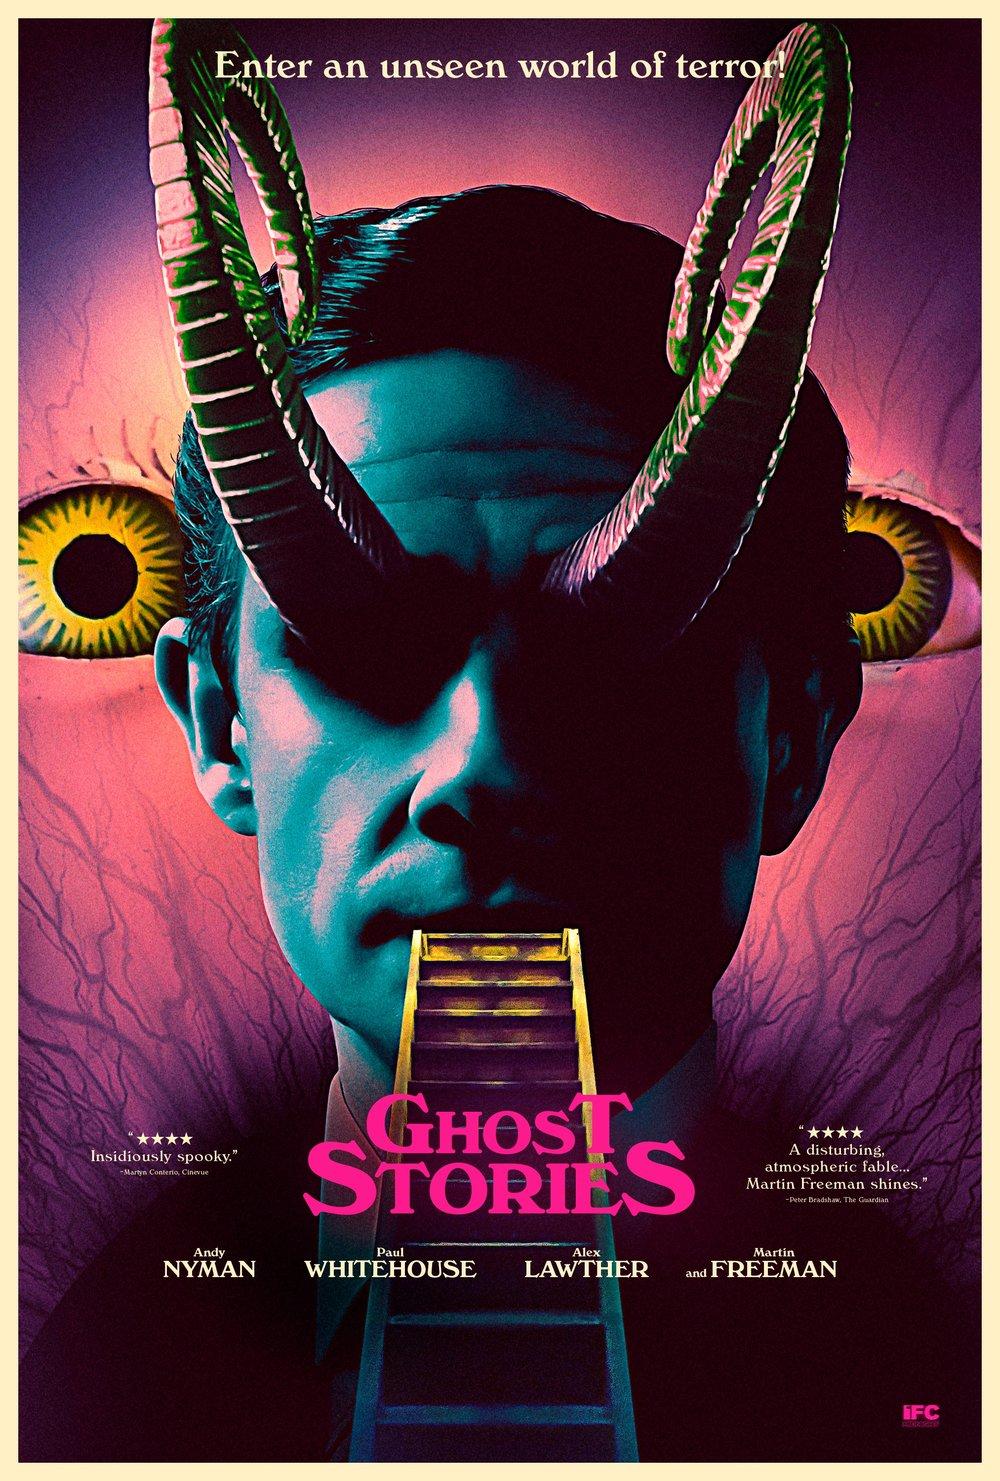 GhostStories-Poster.jpg